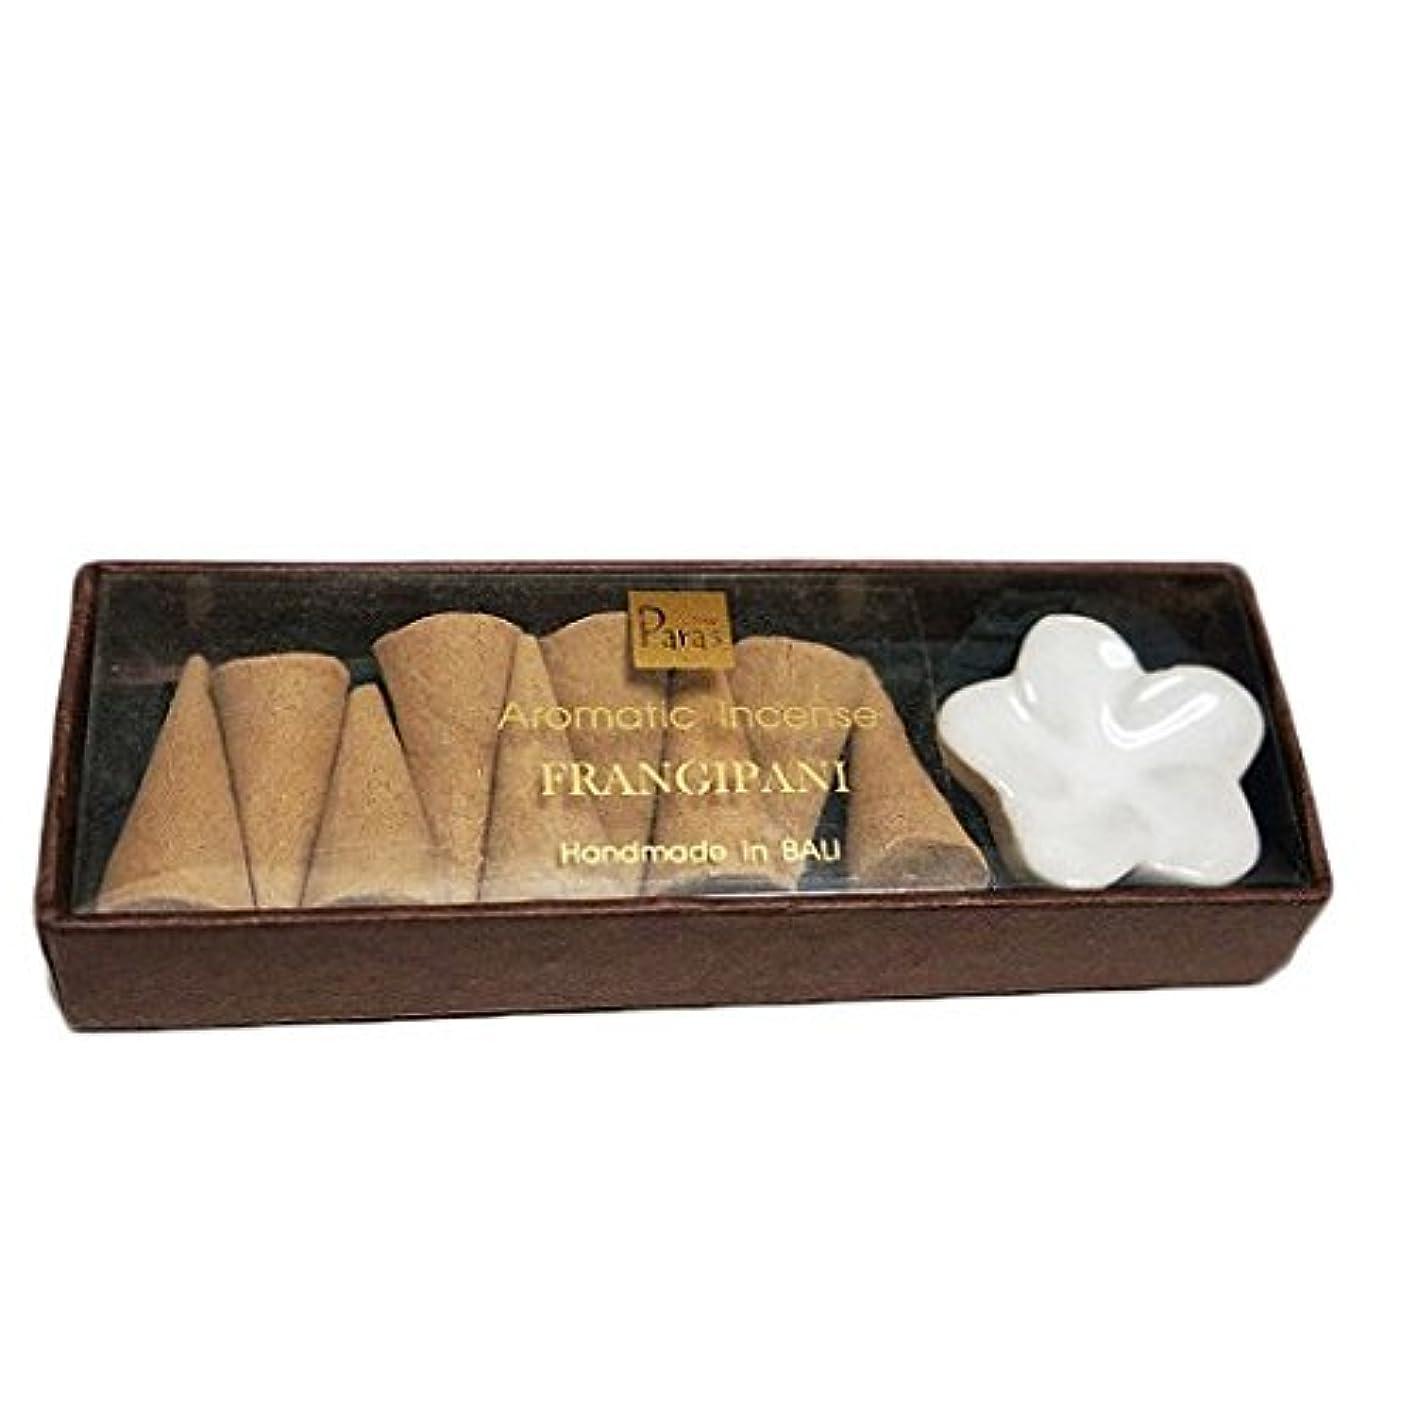 種をまくふつう石膏フランジパニ お香セット【トコパラス TOKO PARAS】バリ島 フランジパニの陶器のお香立て付き ナチュラルハンドメイドのお香